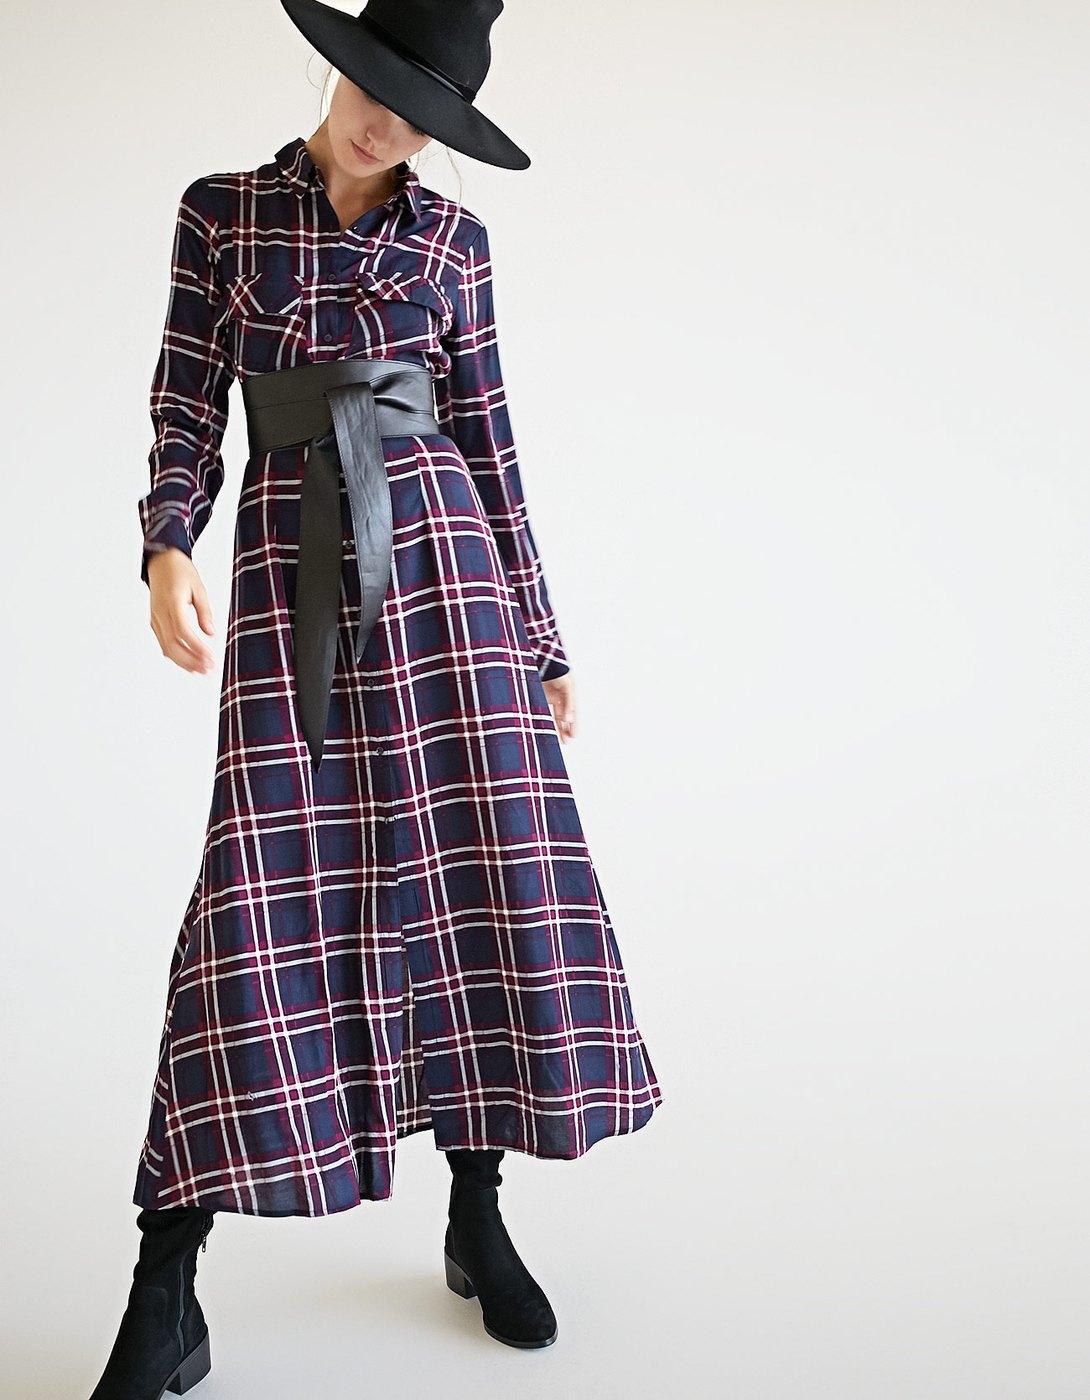 Vestido de cuadros 2 - 2 part 1